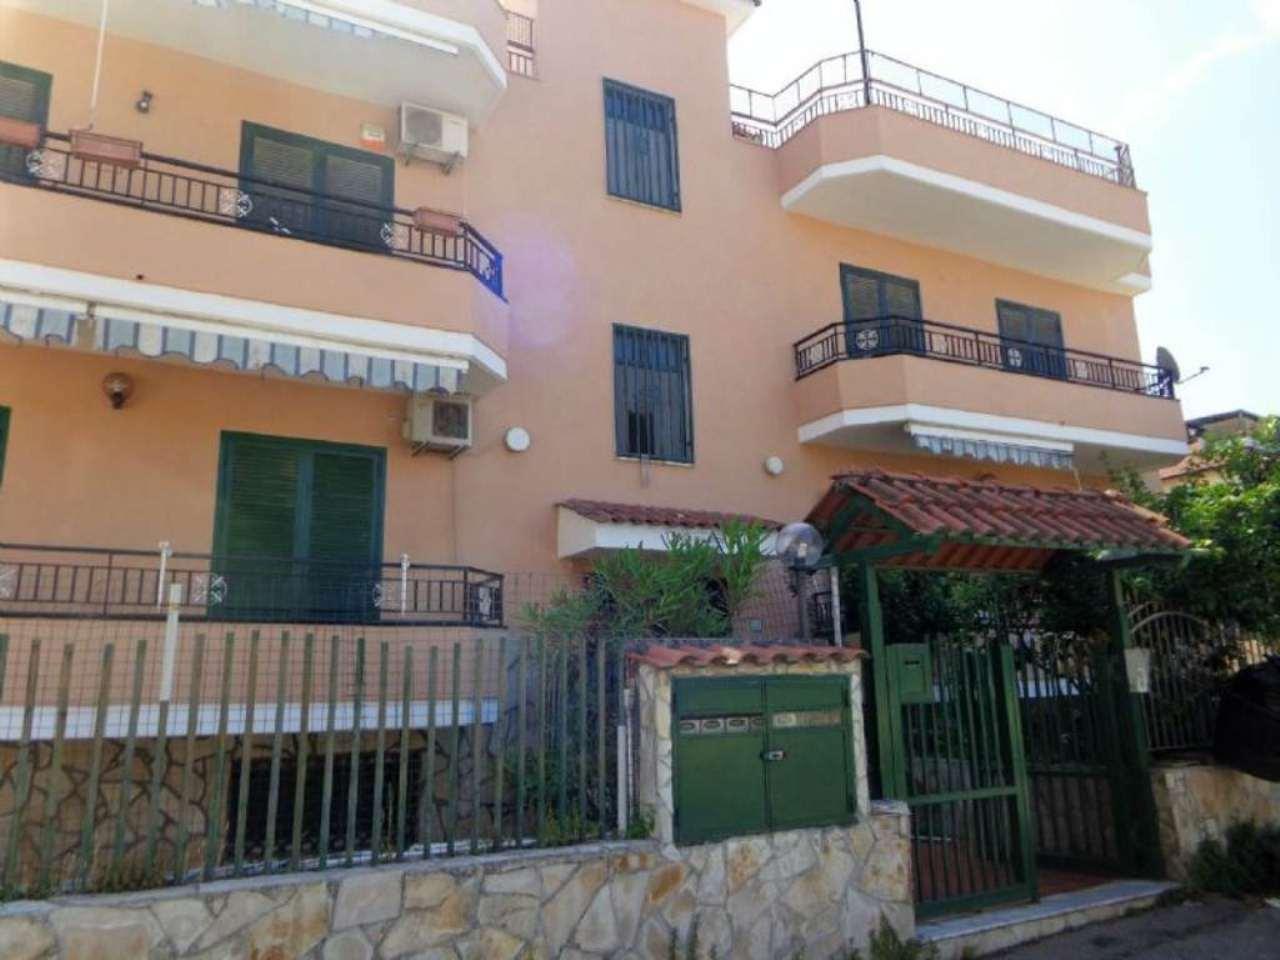 Appartamento in vendita a Marano di Napoli, 3 locali, prezzo € 87.000 | Cambio Casa.it